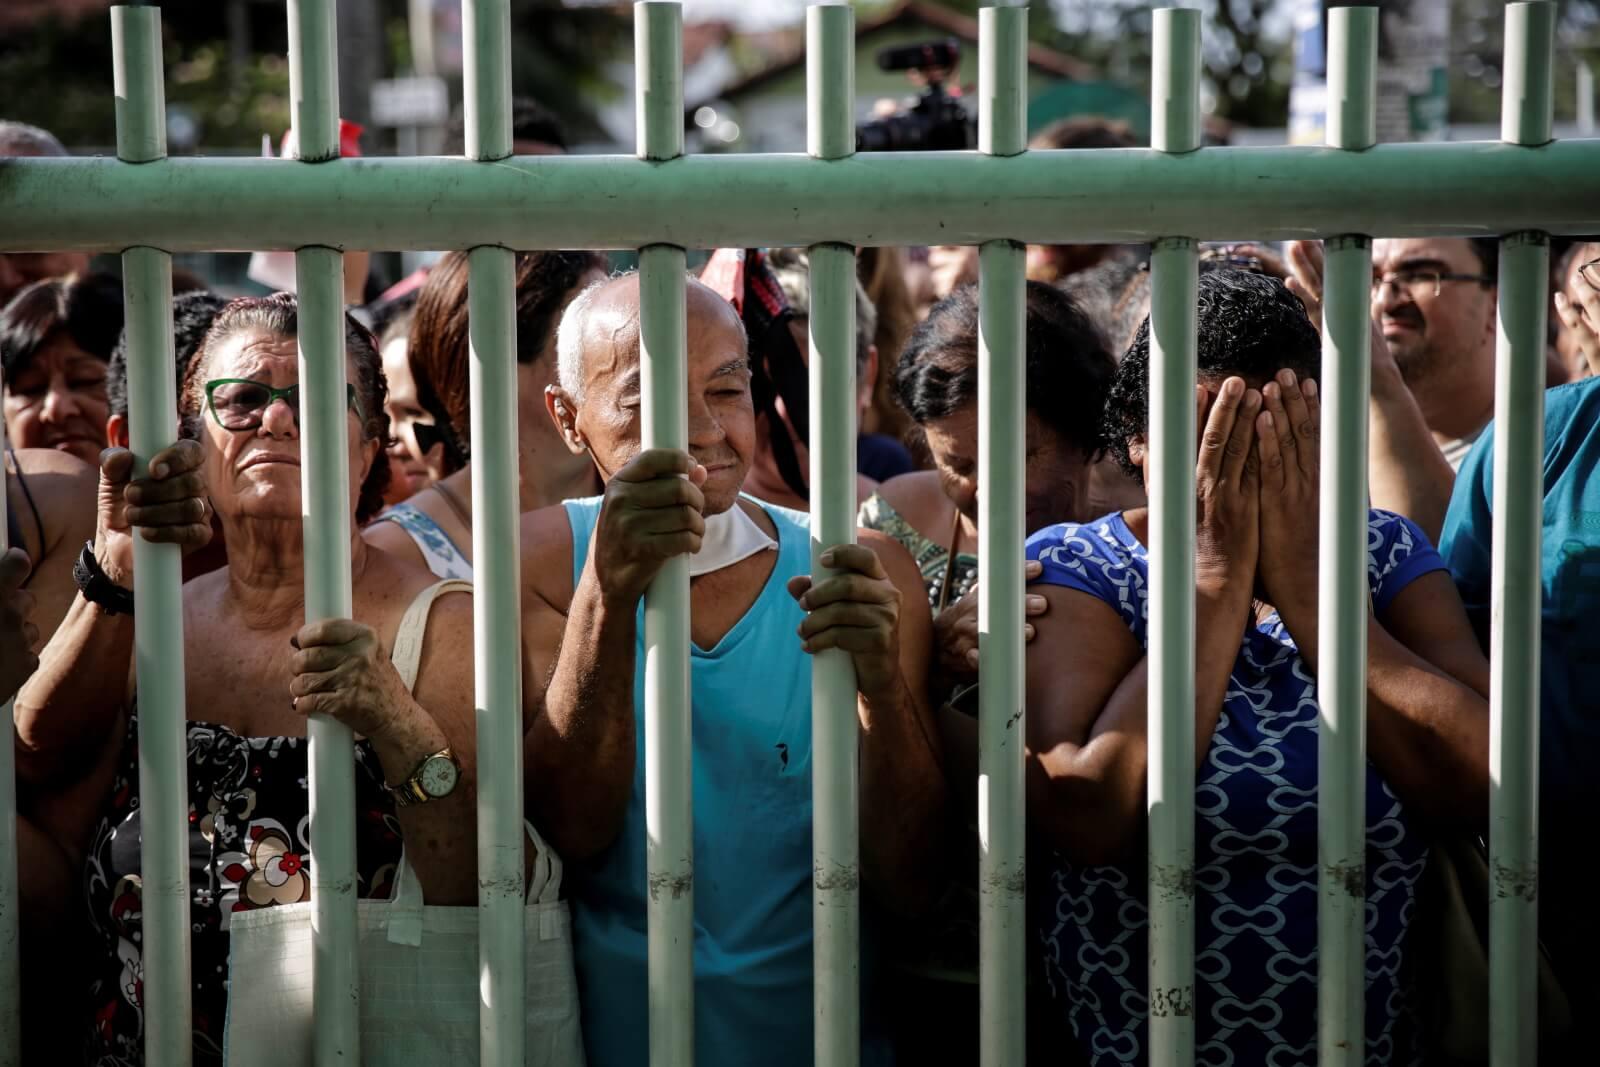 Brazylia przed wielkimi wyprzedażami fot. EPA/Antonio Lacerda